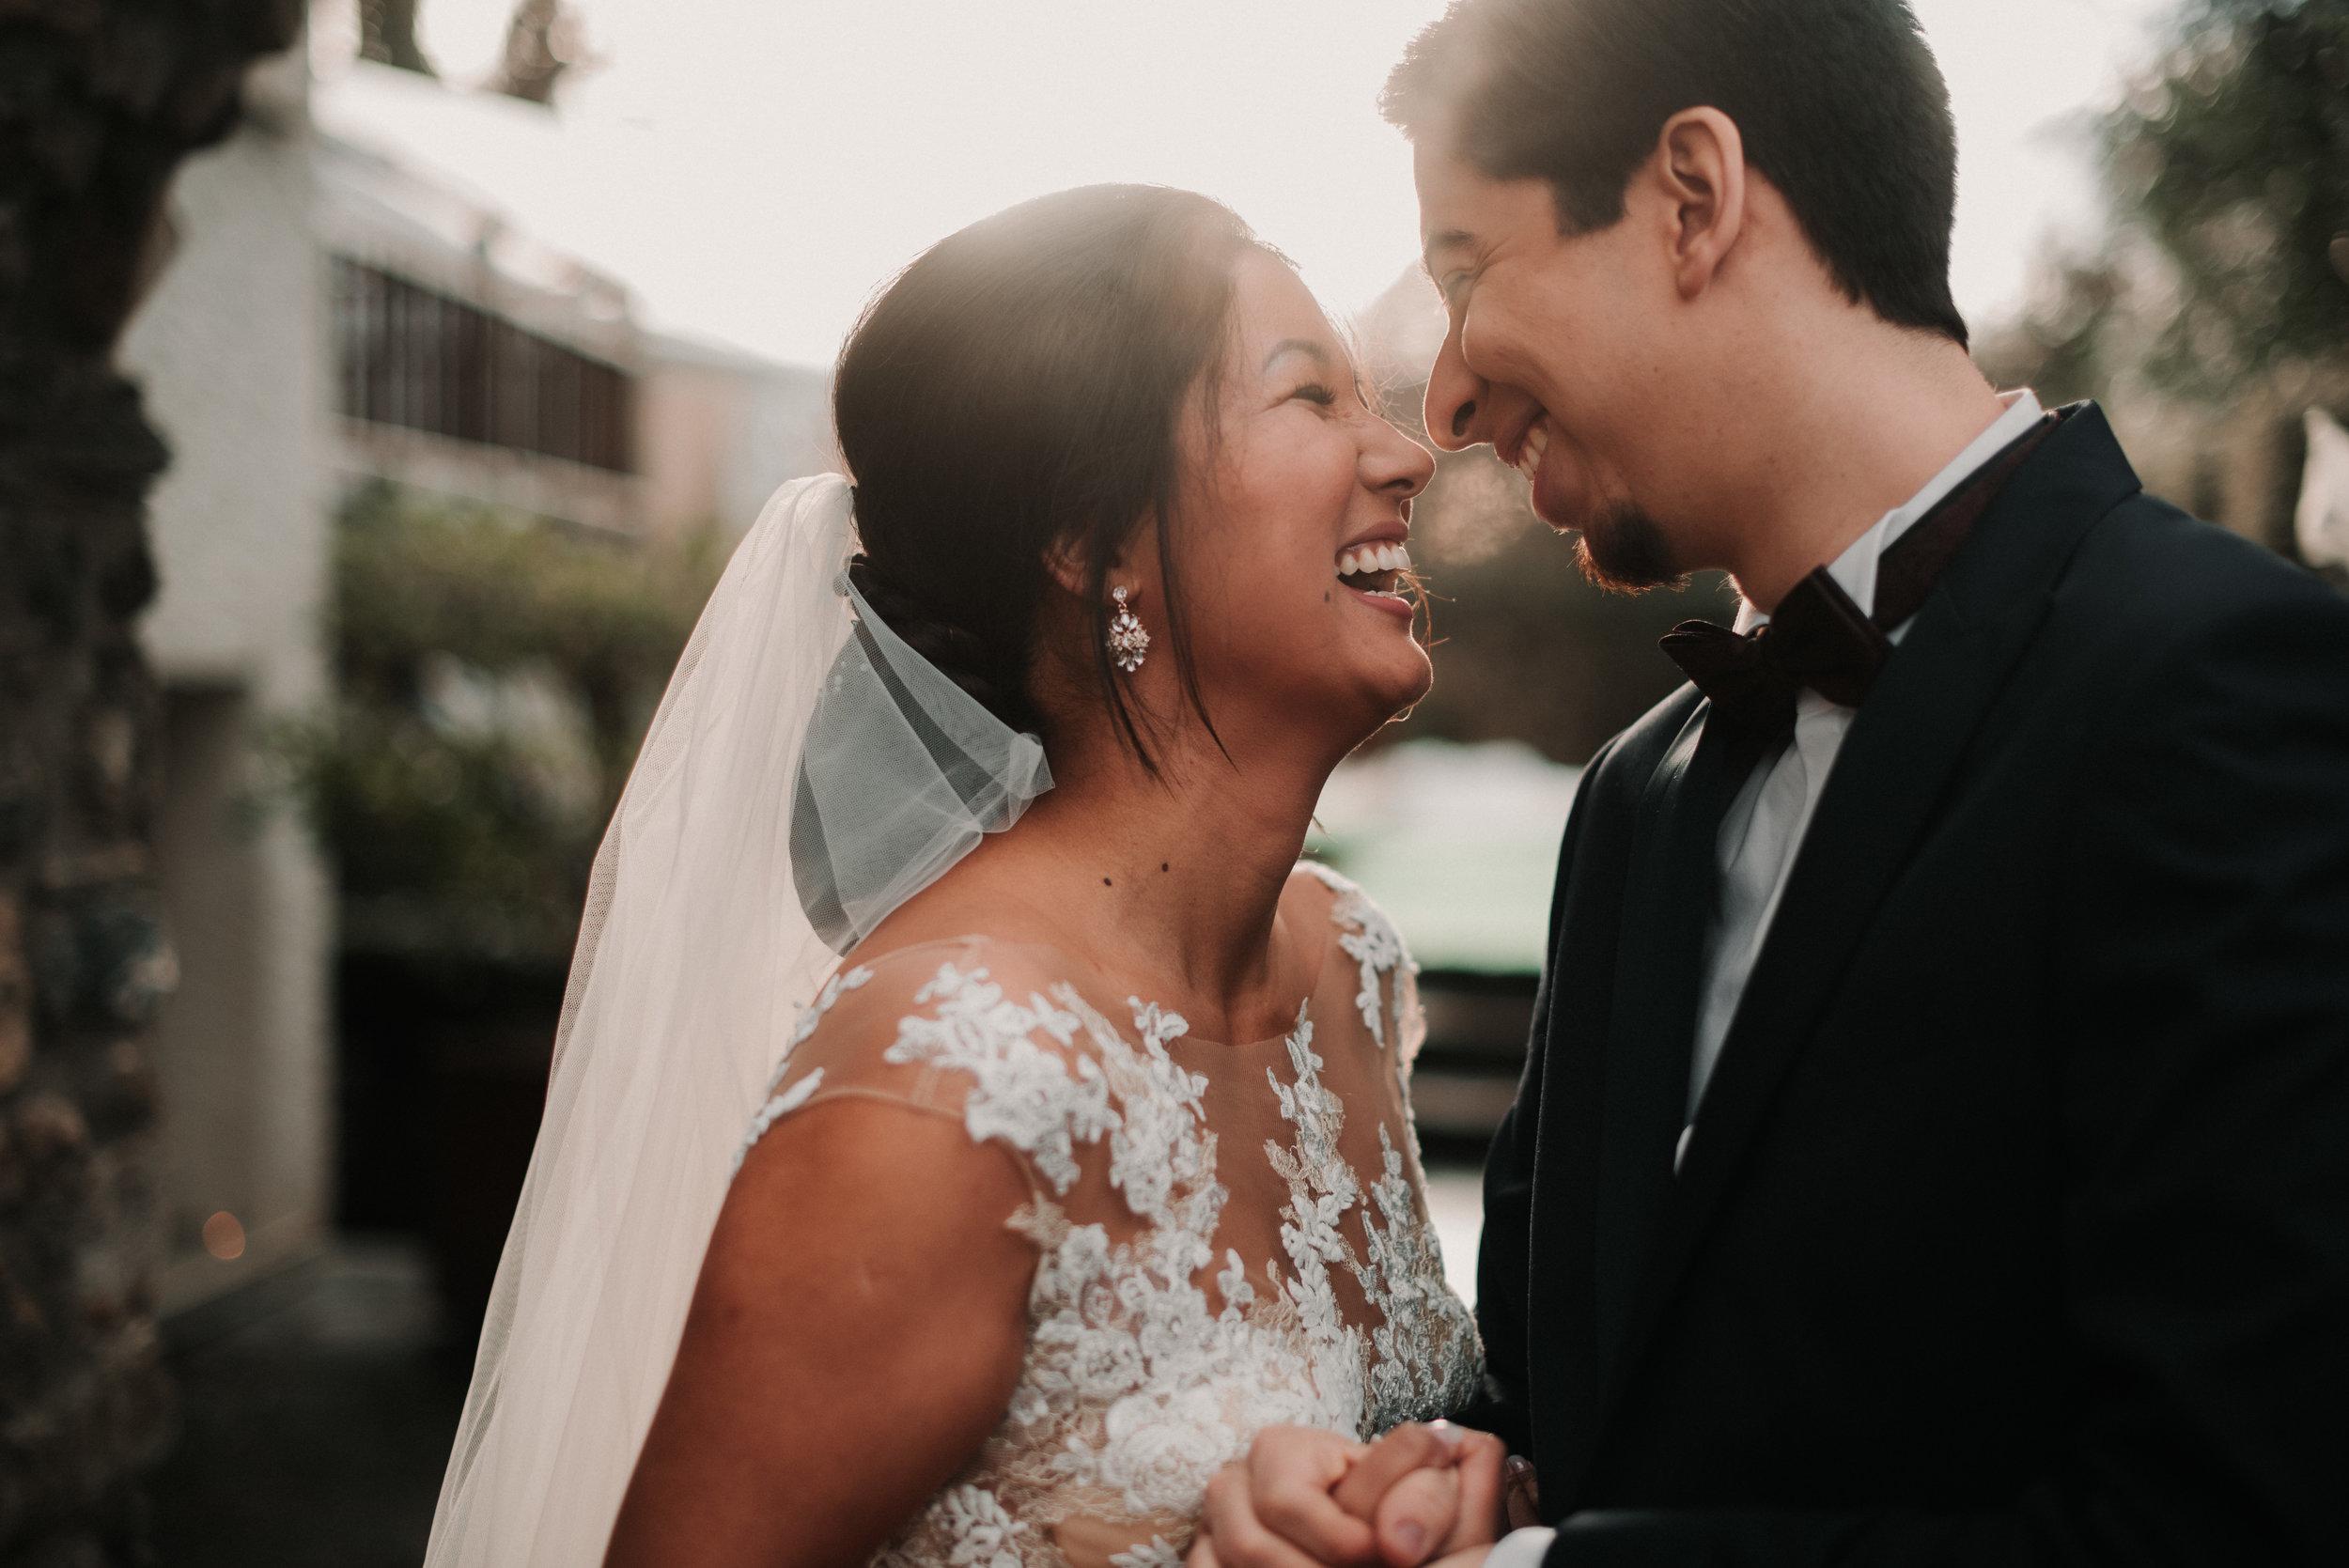 Léa-Fery-photographe-professionnel-lyon-rhone-alpes-portrait-creation-mariage-evenement-evenementiel-famille-6994 (1).jpg